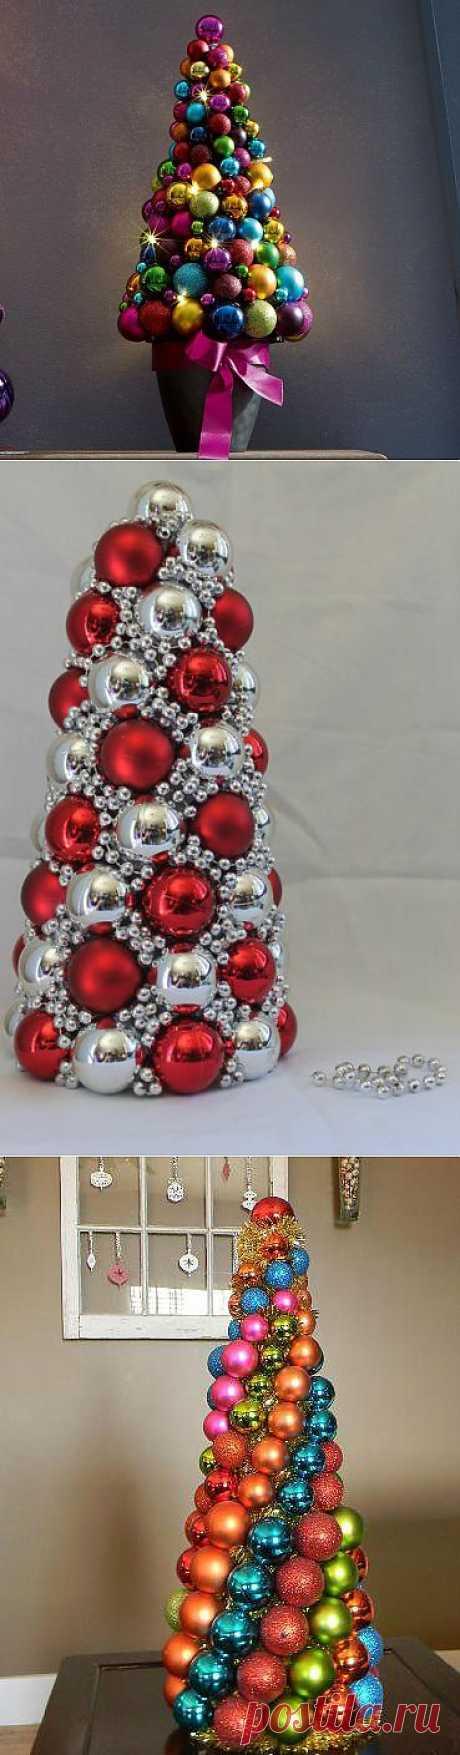 Новогодняя елка из шаров. Мастер-класс + видео | Домохозяйка